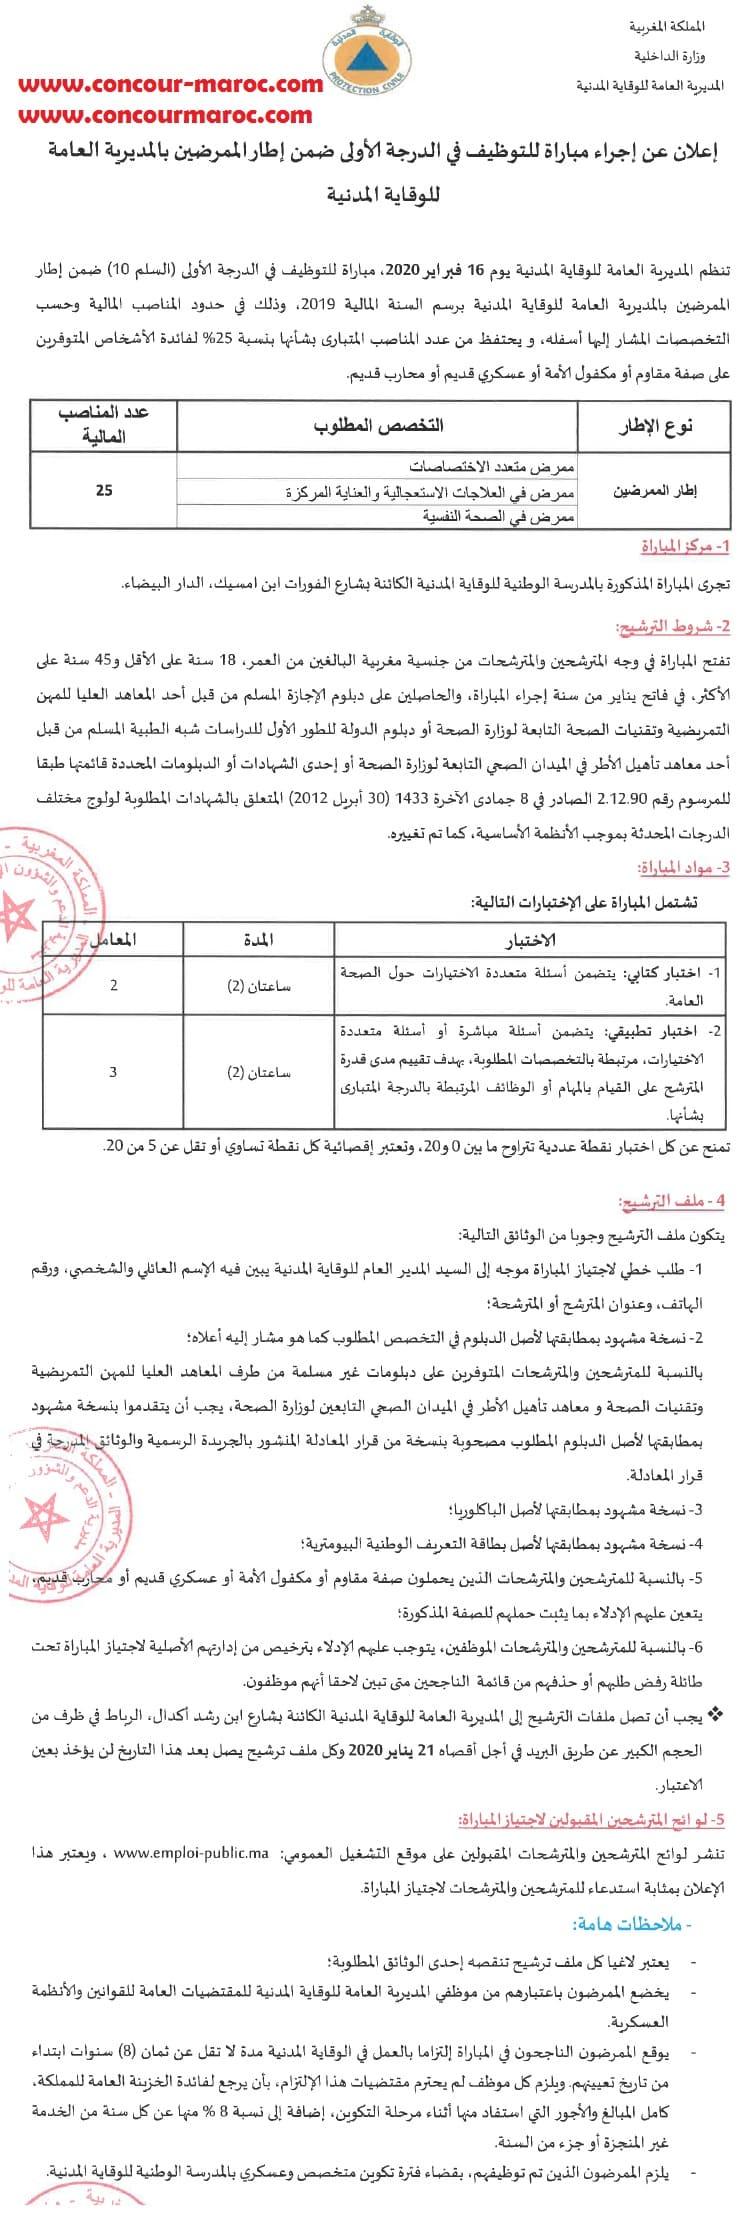 المديرية العامة للوقاية المدنية : مباراة توظيف 51 منصب آخر أجل لإيداع الترشيحات 21 يناير 2020 Aoo_ao25